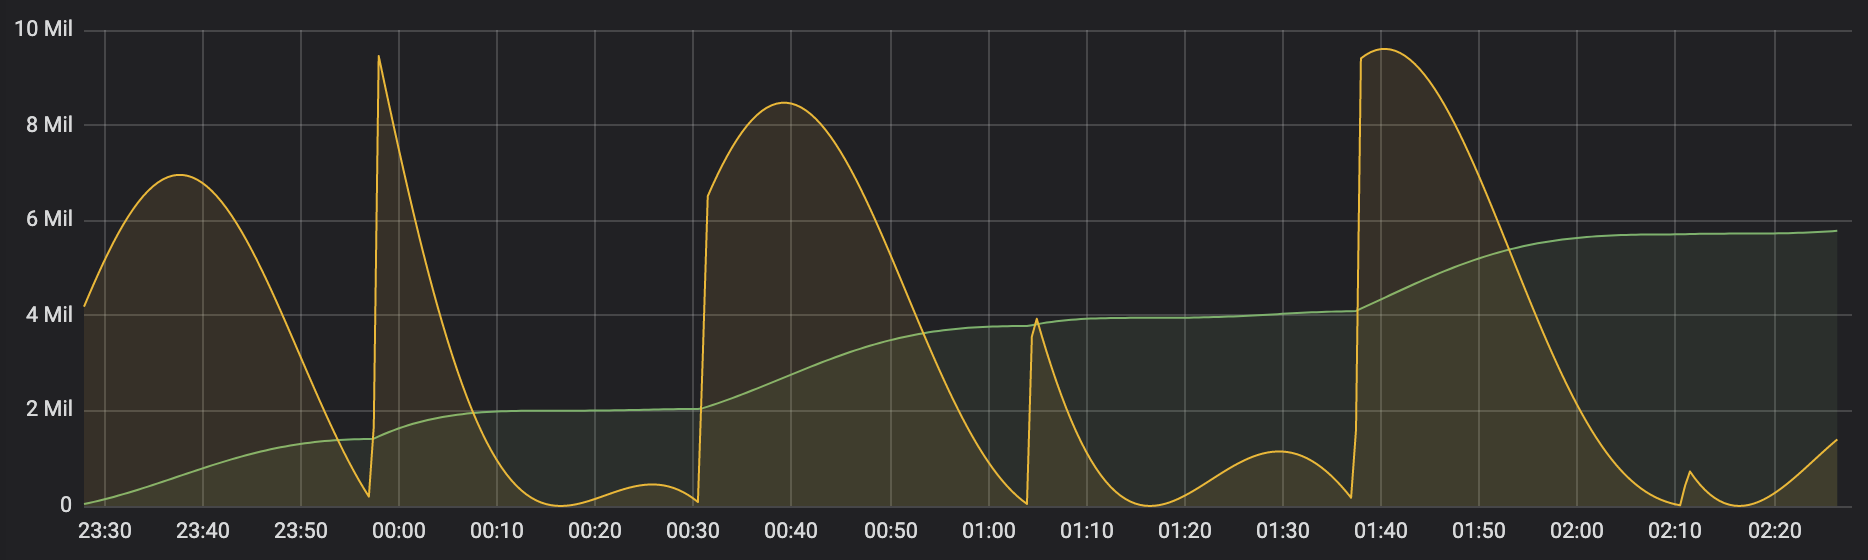 Monitoring Kubernetes tutorial: using Grafana and Prometheus